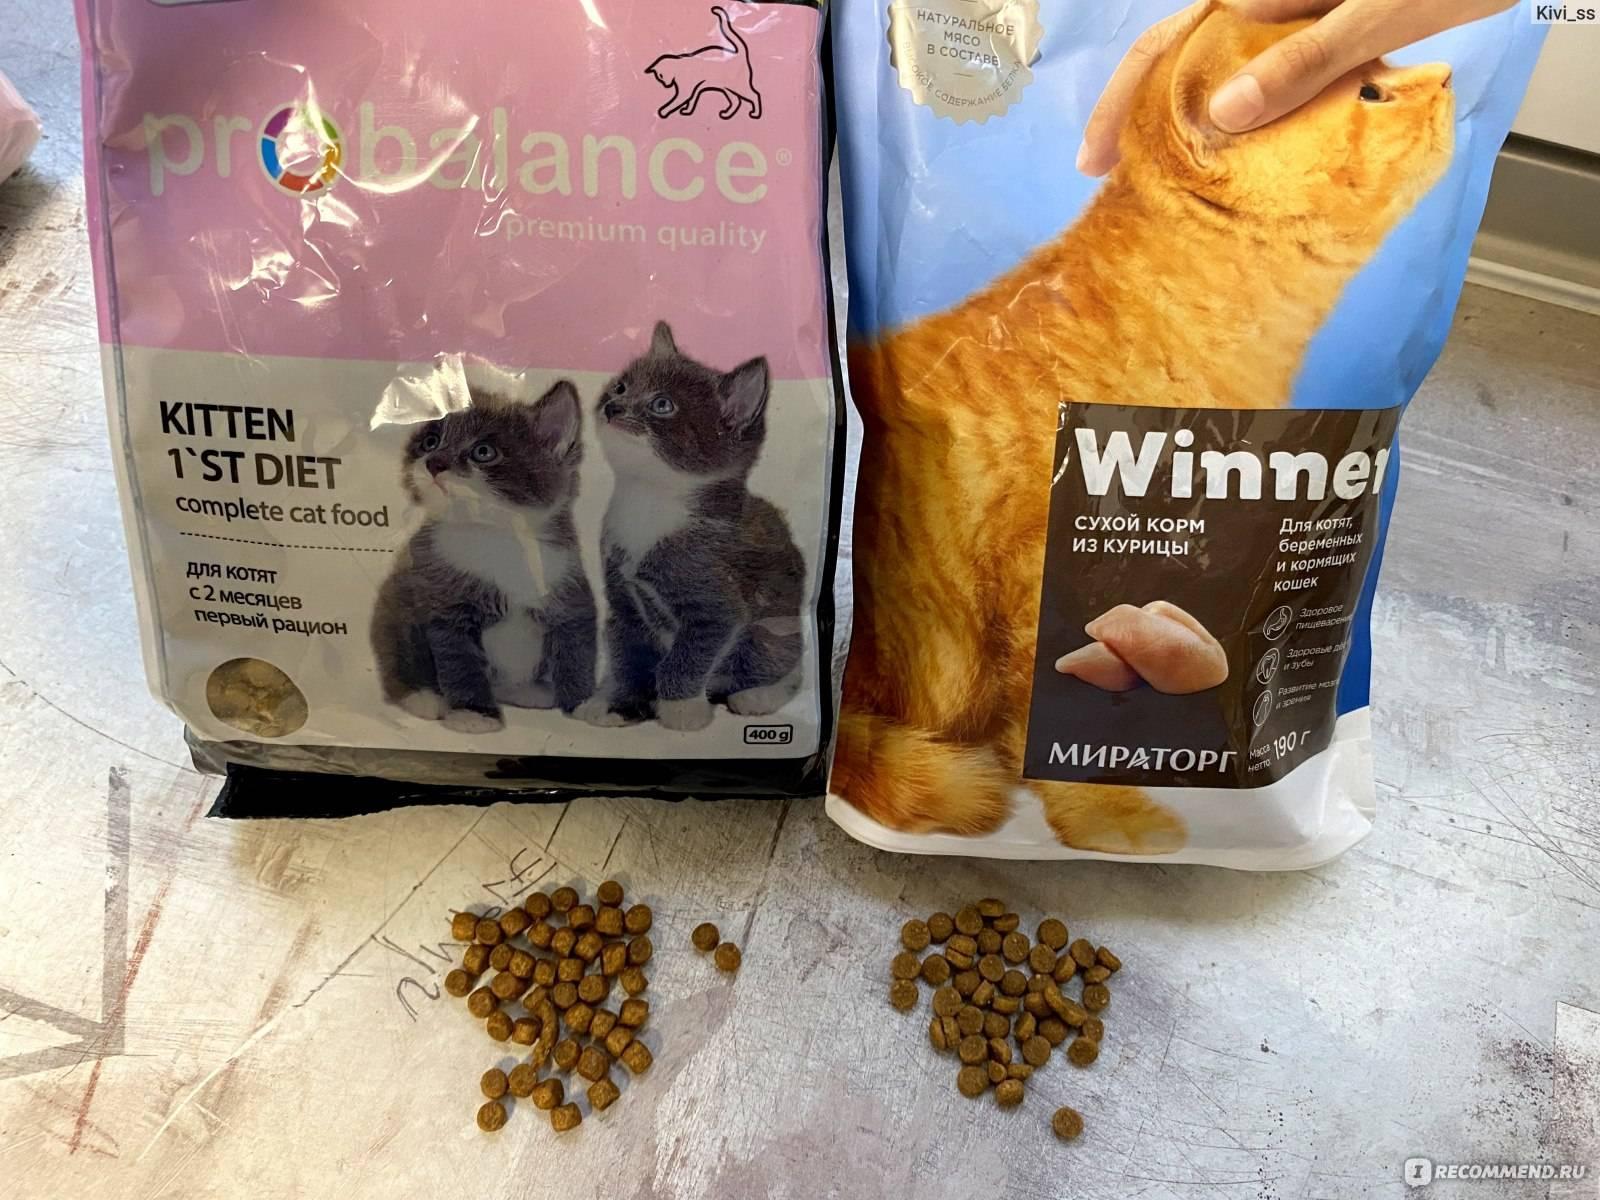 Корма для кошек, какой корм лучше для кошек, лидер рейтинга производителей, официальный сайт акана: производство и продажа корма для кошек, где купить, отзывы о корме акана